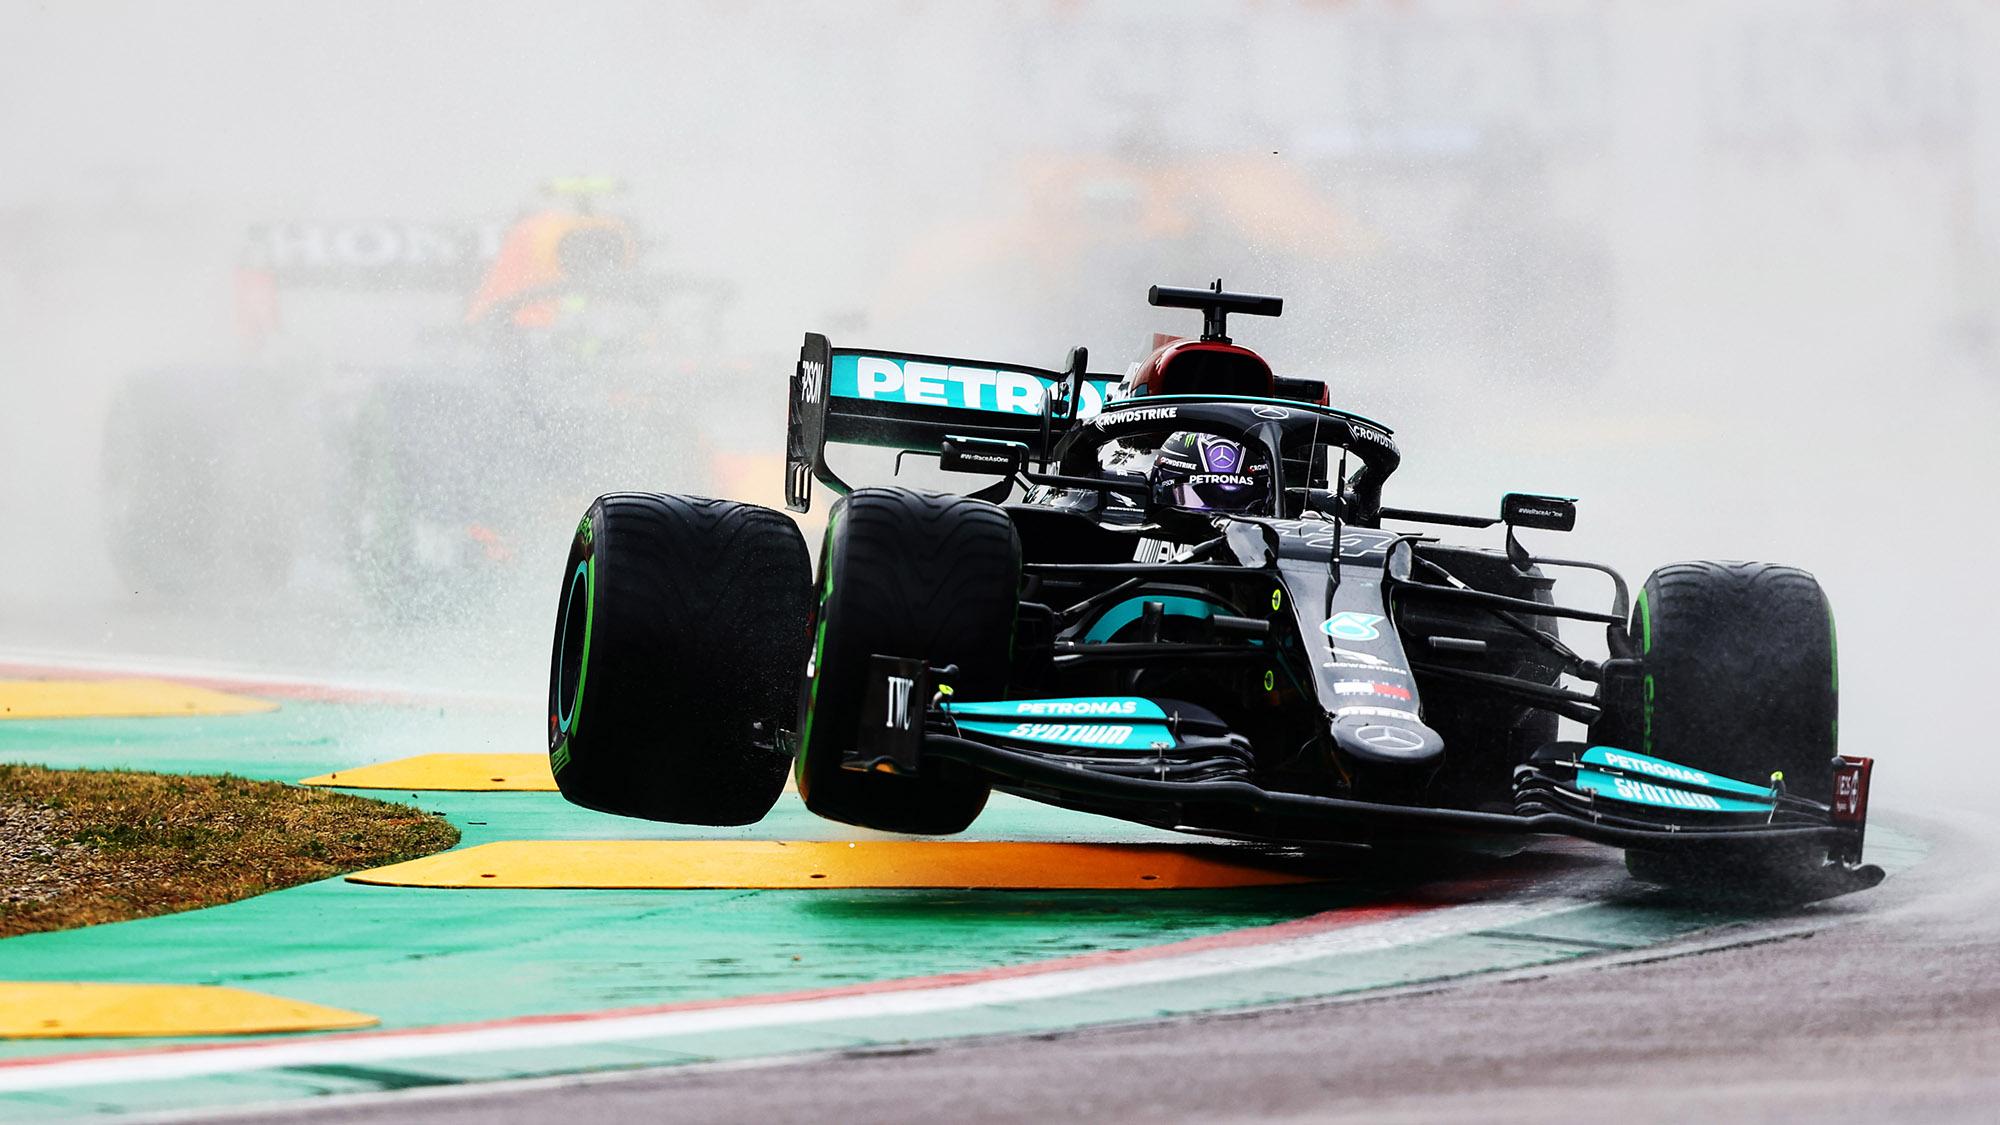 Lewis Hamilton crashes down onto a kerb at the start of the 2021 Emilia Romagna Grand Prix